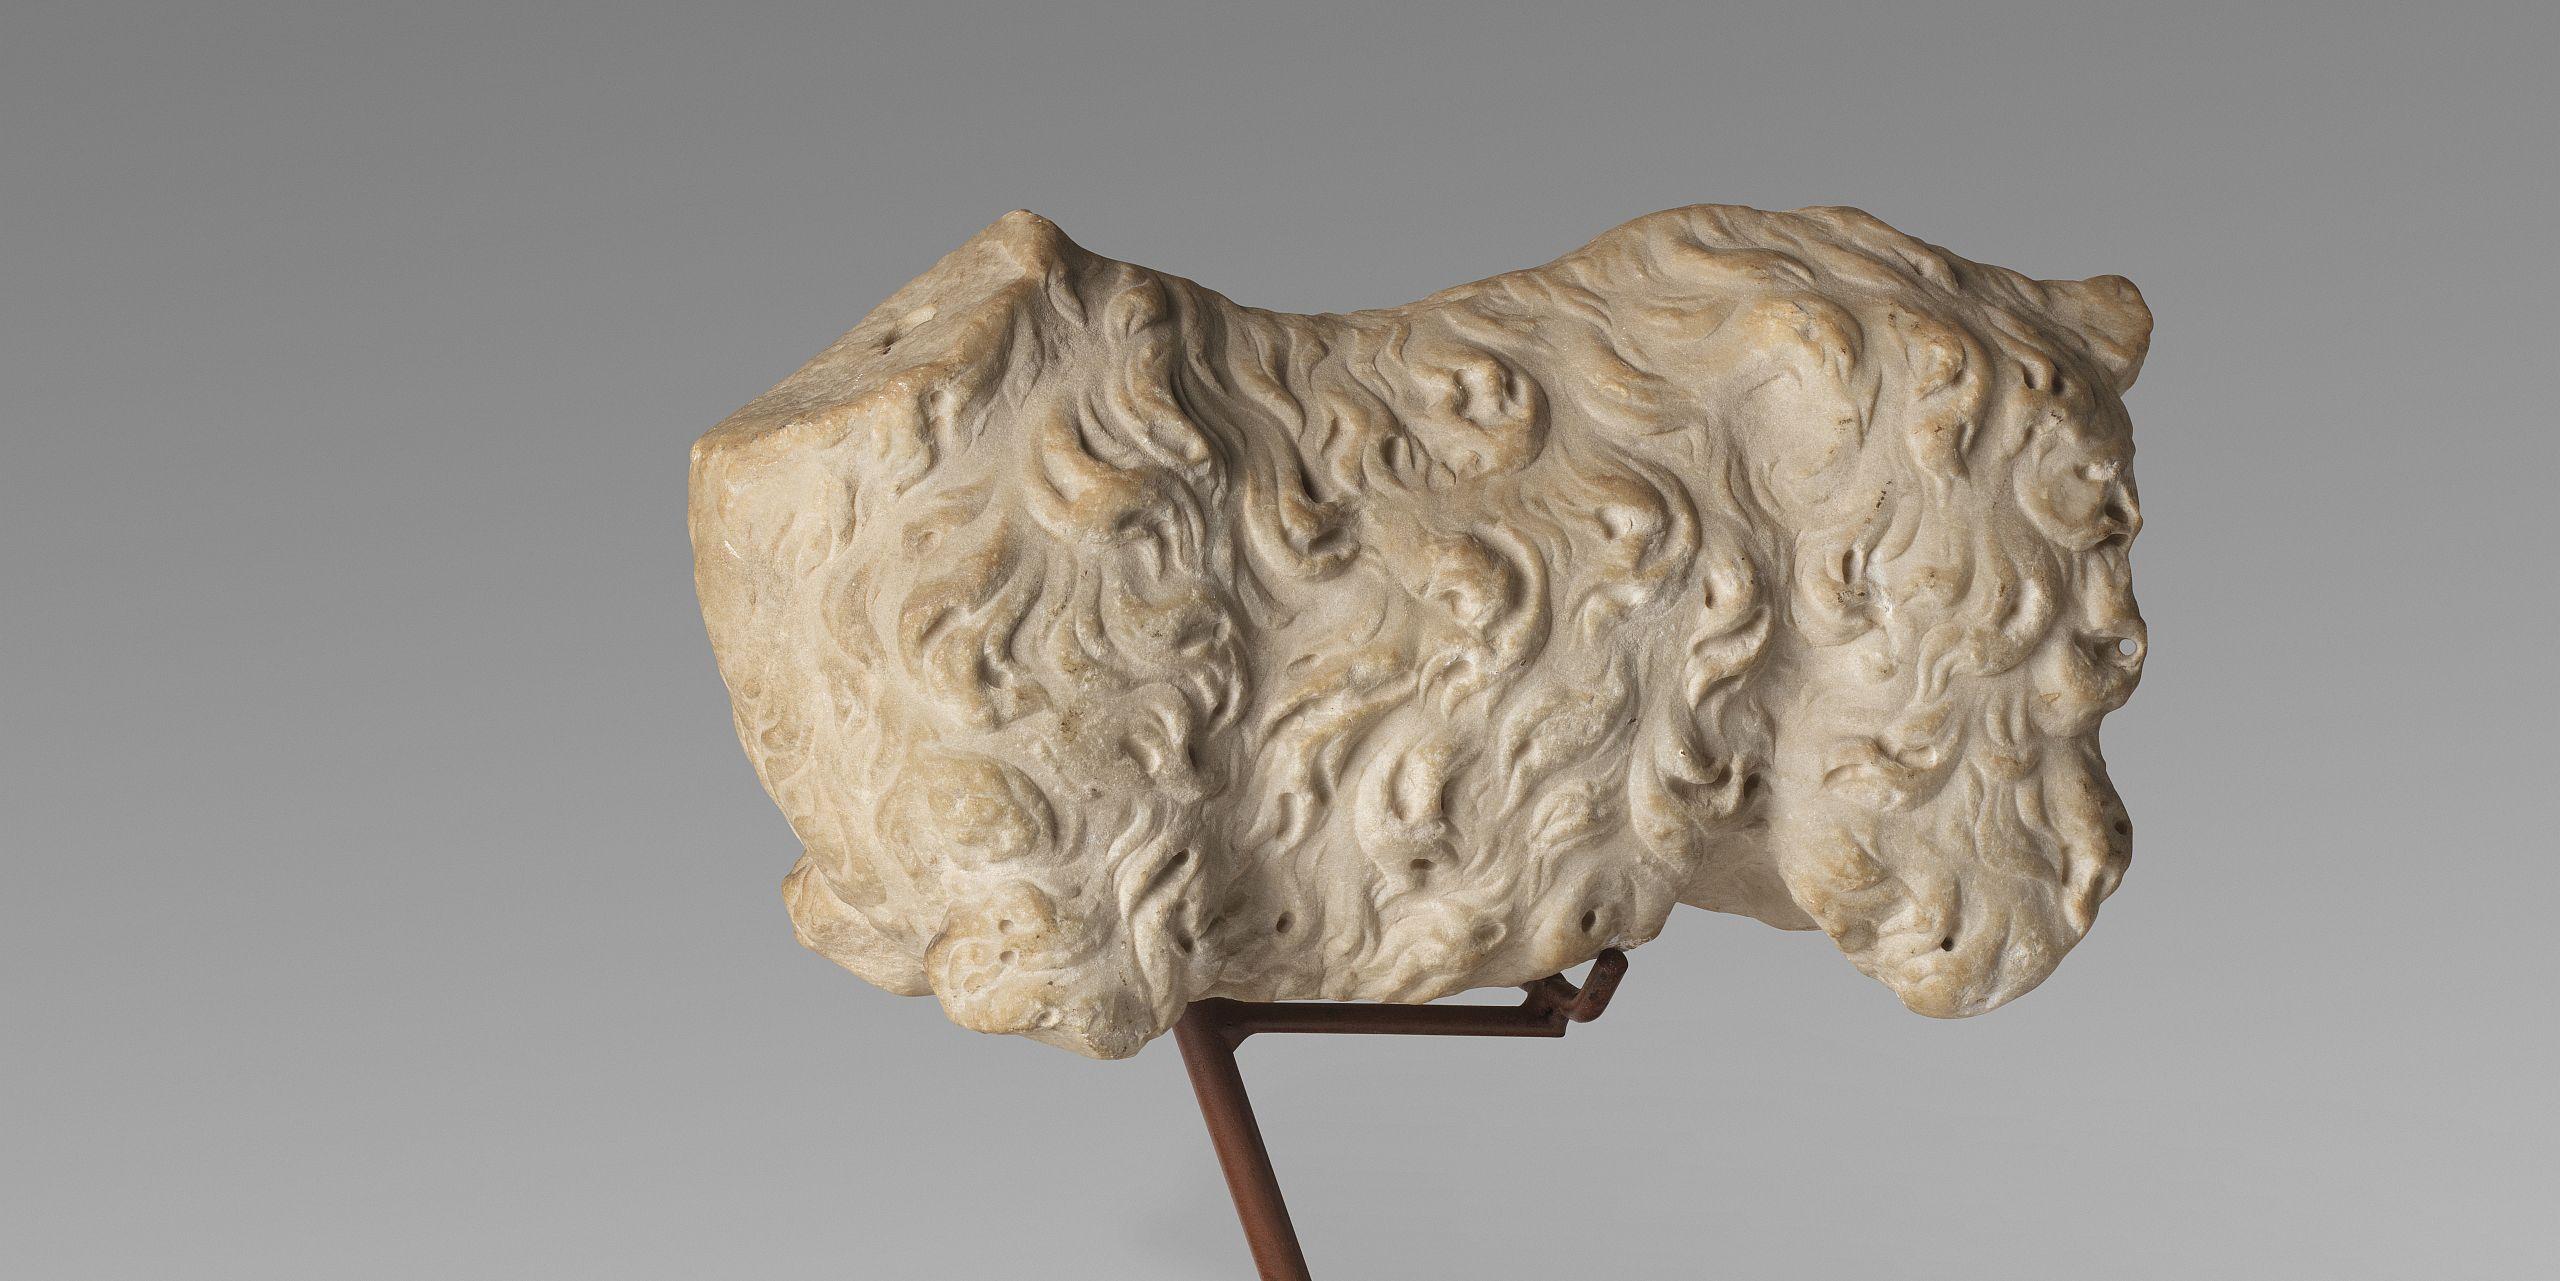 Escultura romana, cabra